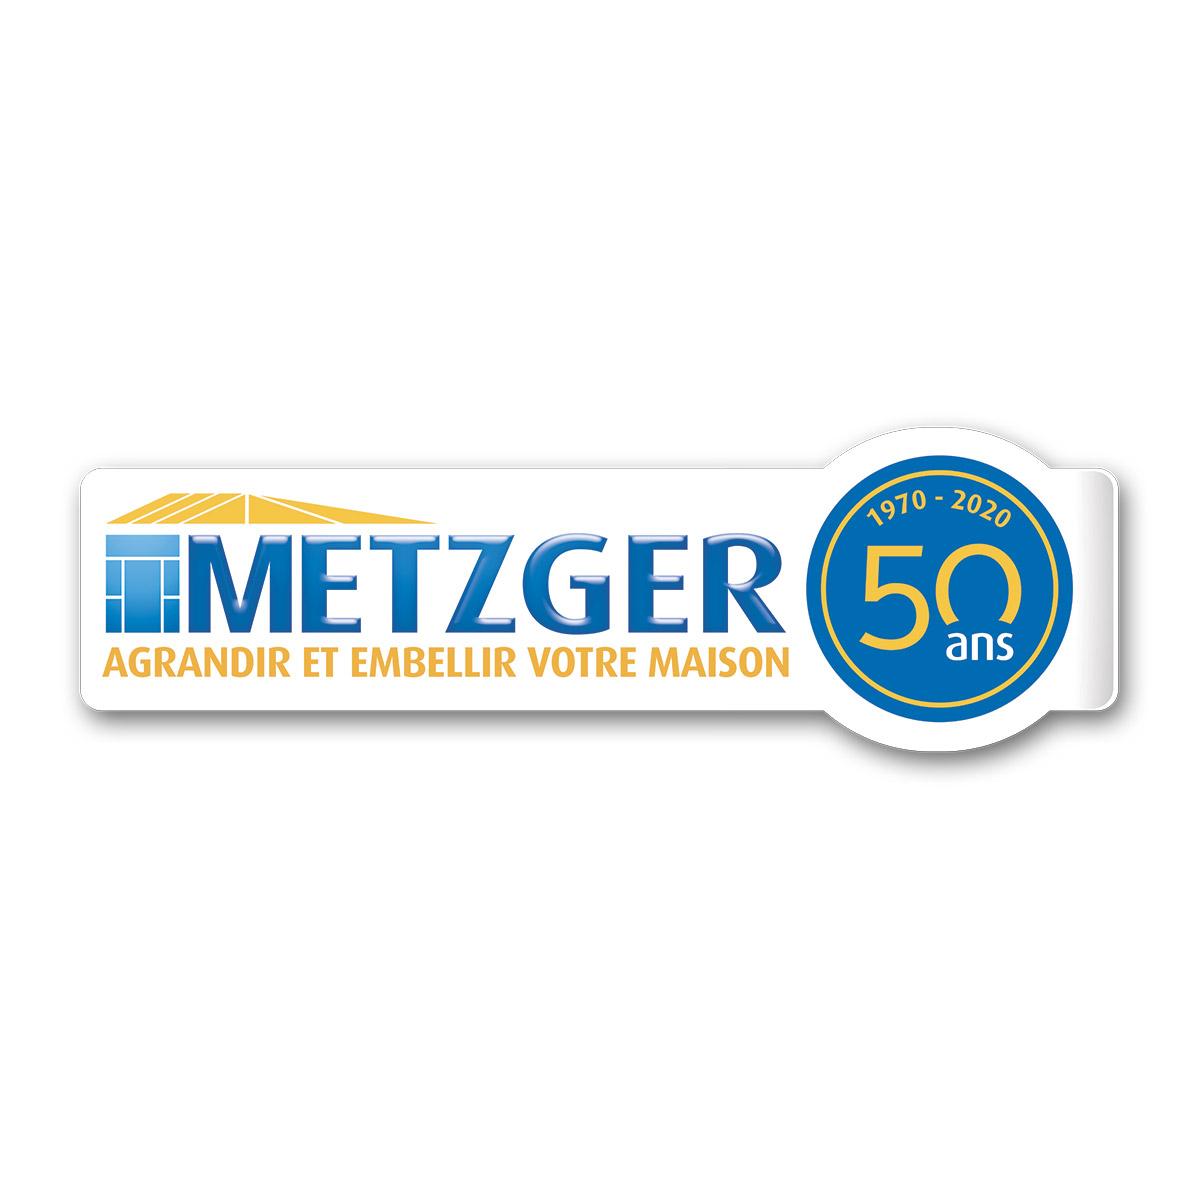 Refonte logo Metzger